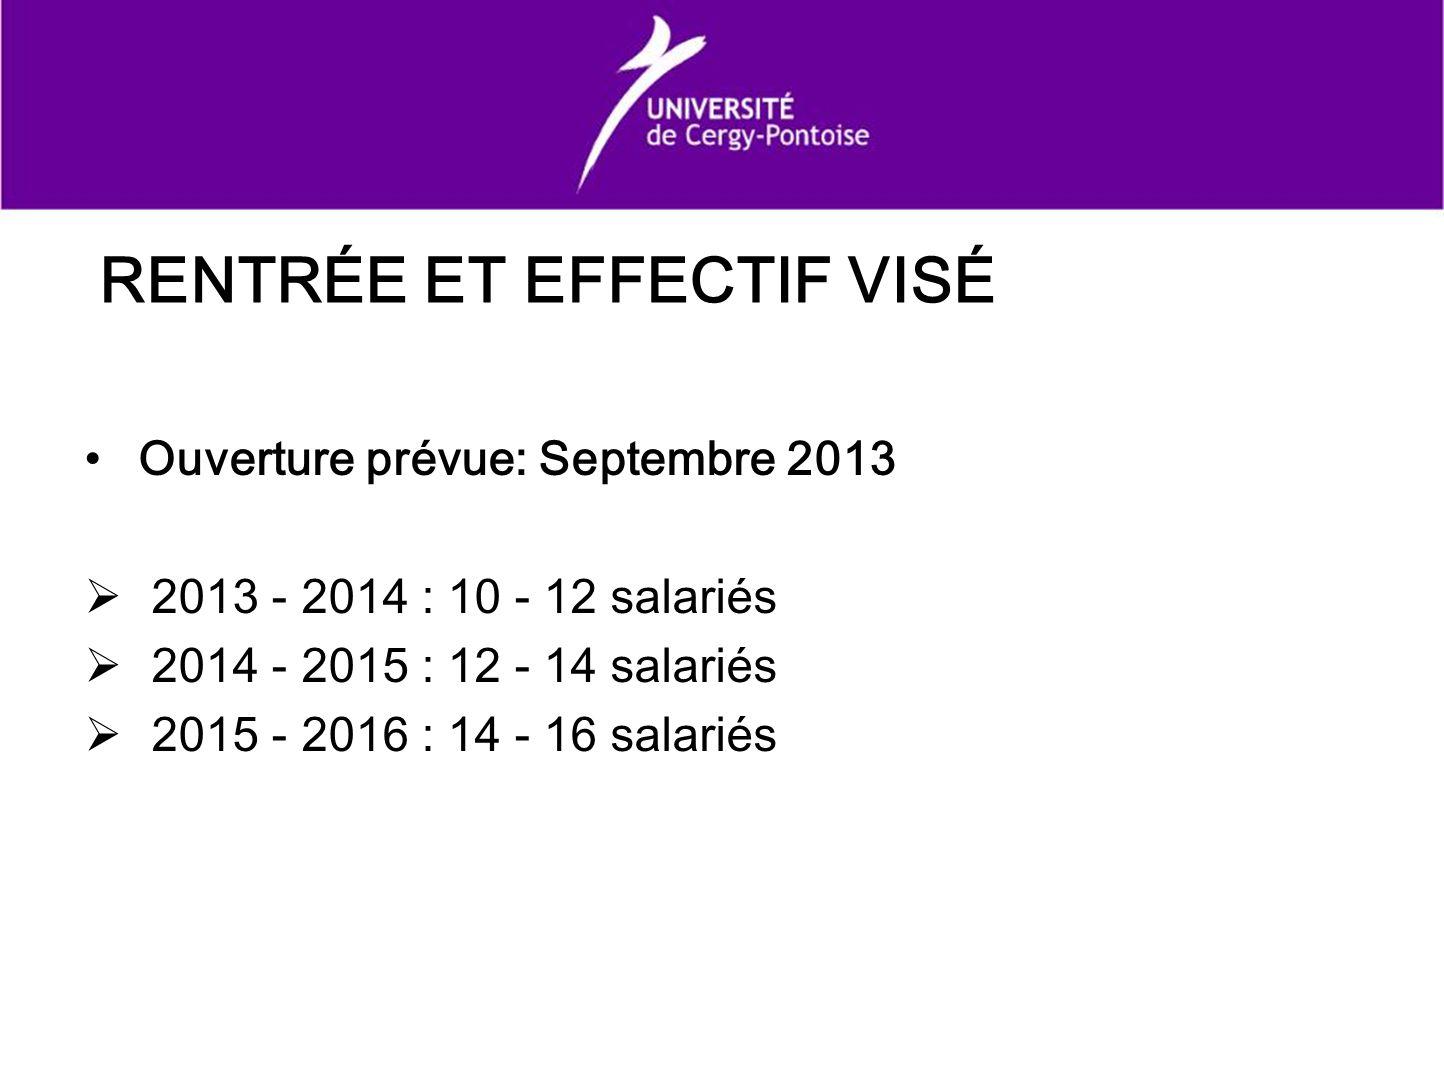 RENTRÉE ET EFFECTIF VISÉ Ouverture prévue: Septembre 2013 2013 - 2014 : 10 - 12 salariés 2014 - 2015 : 12 - 14 salariés 2015 - 2016 : 14 - 16 salariés